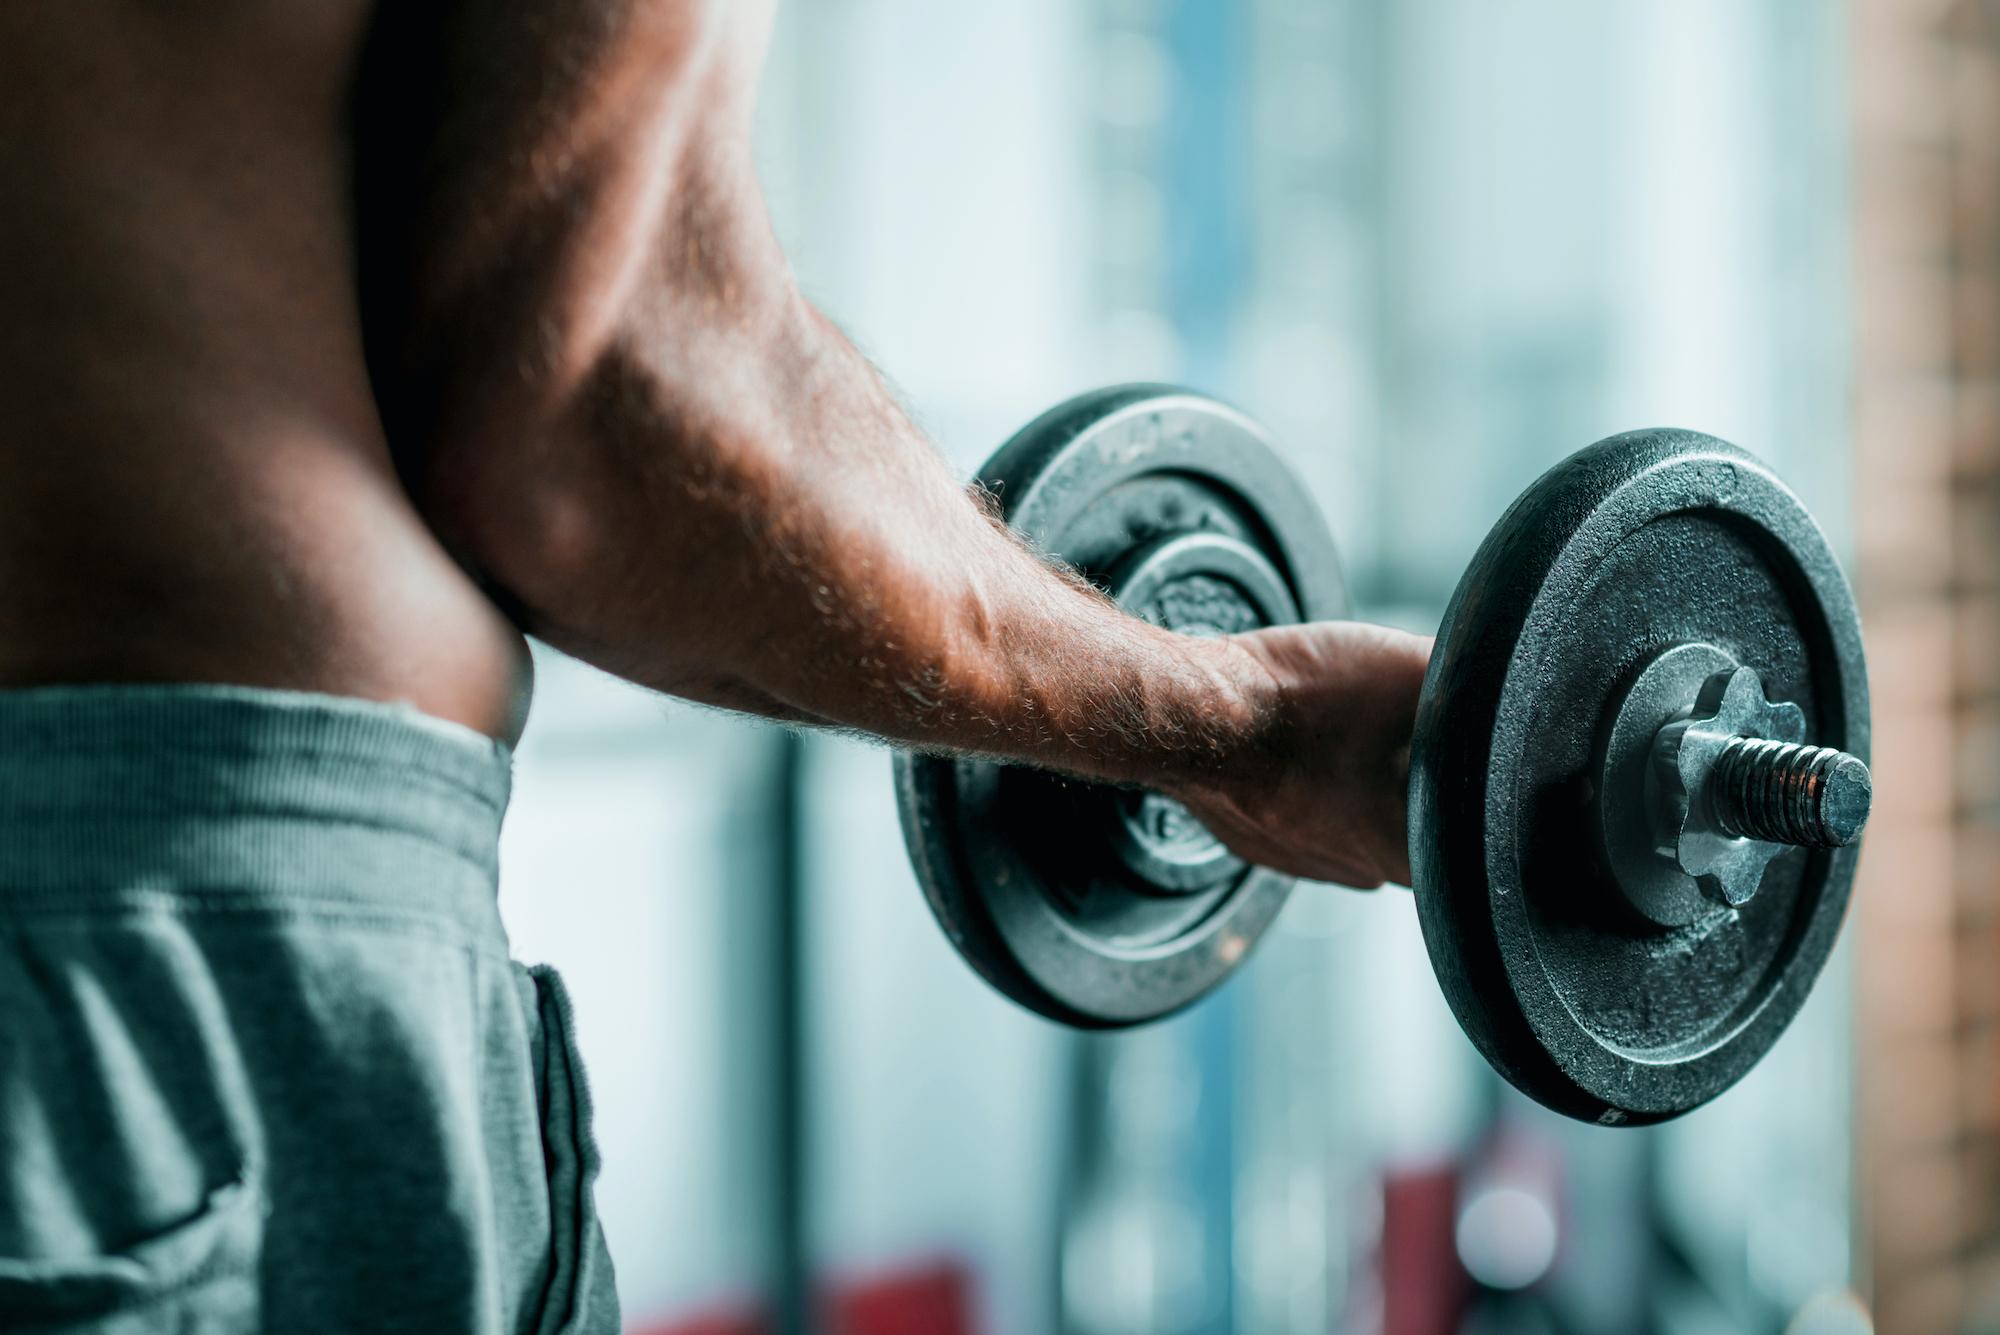 Closeup of man's arm lifting a weight